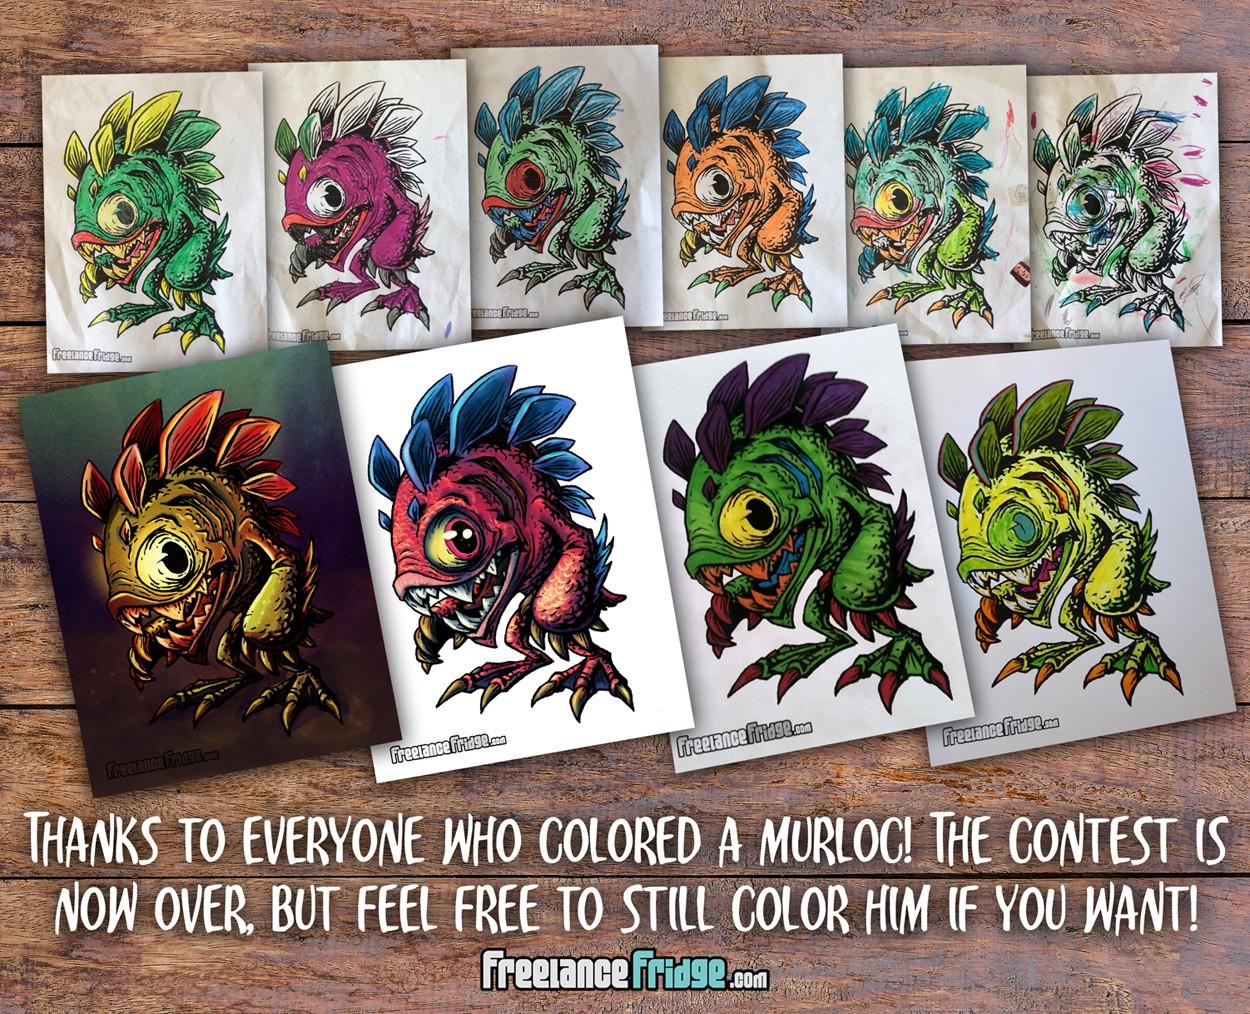 310 Murloc Fish Coloring Contest Participants